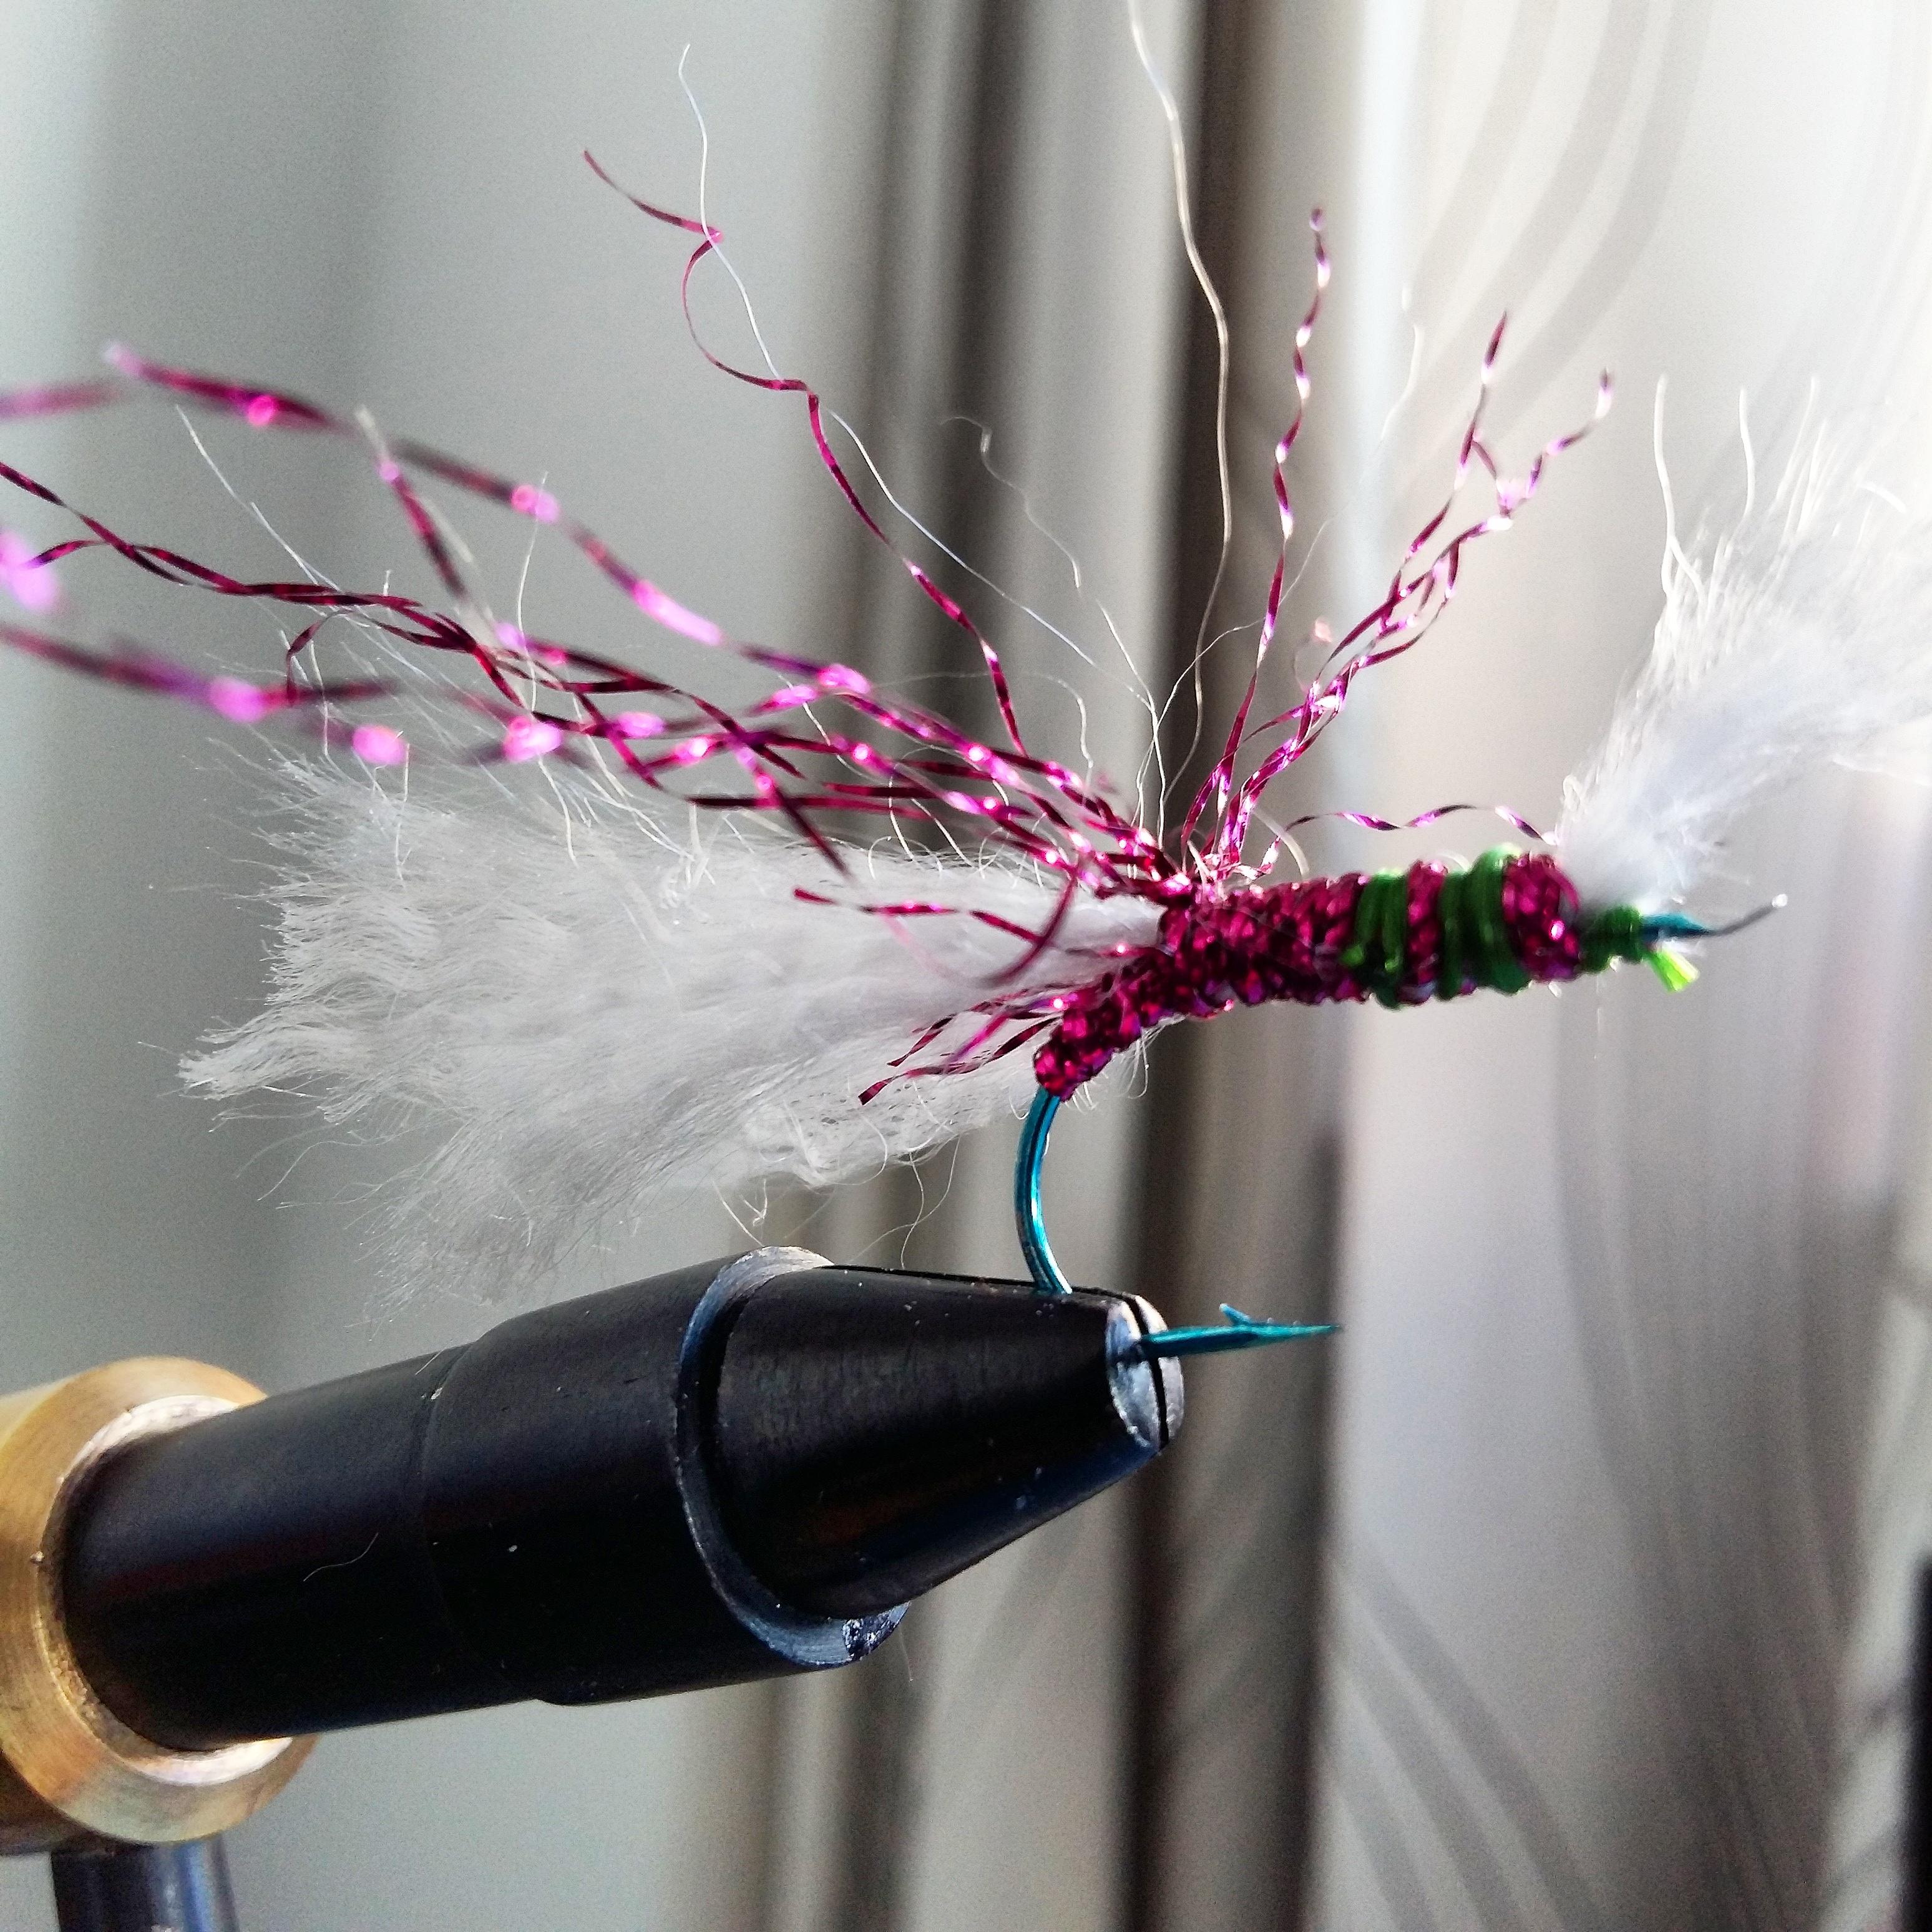 flyfishing LM 10